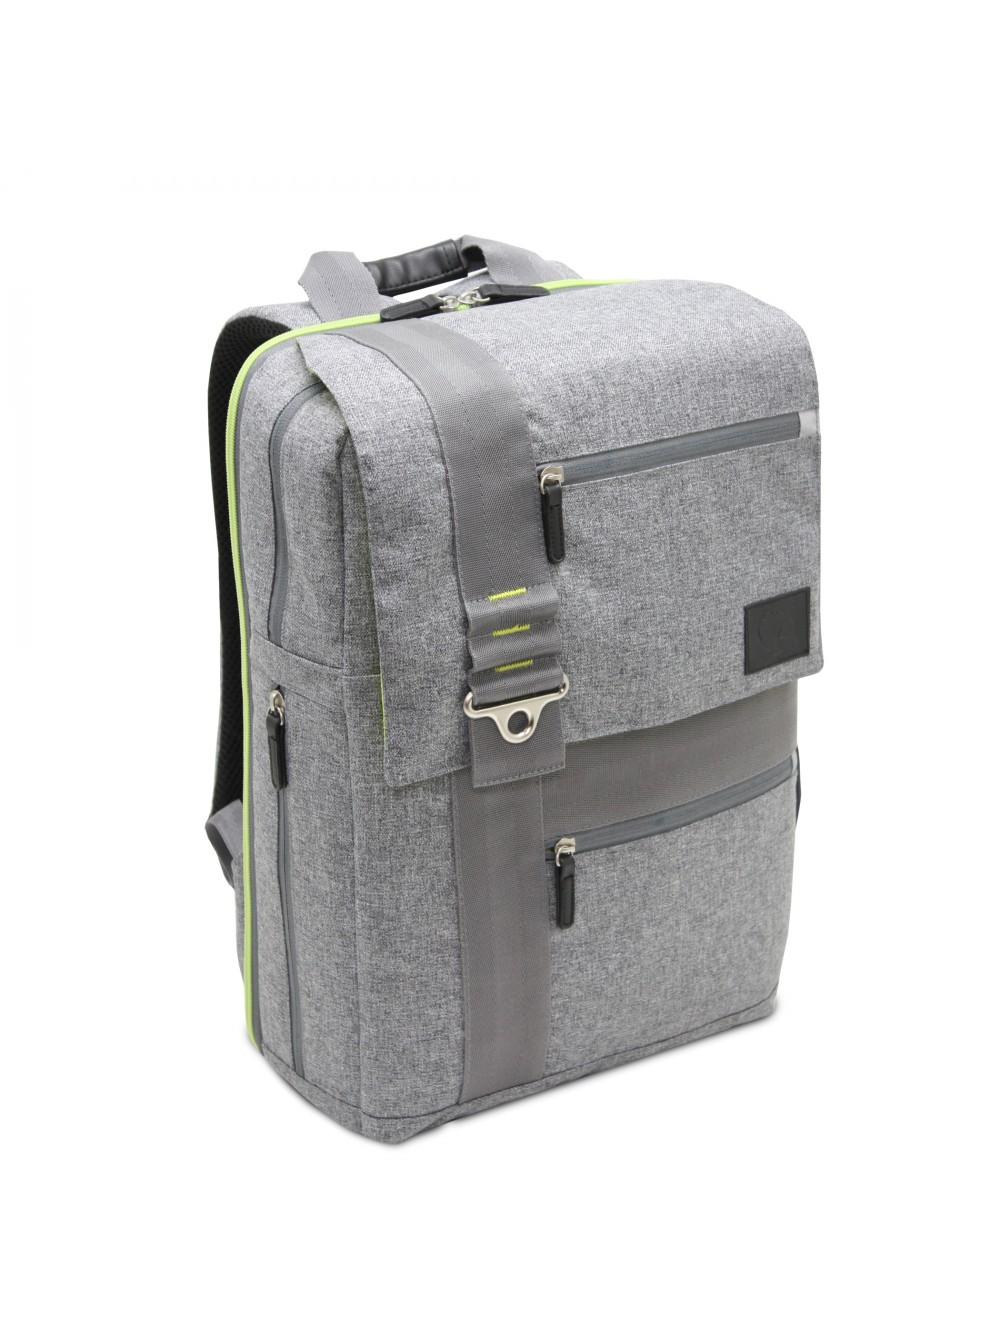 PAPARA Universal Diaper Backpack